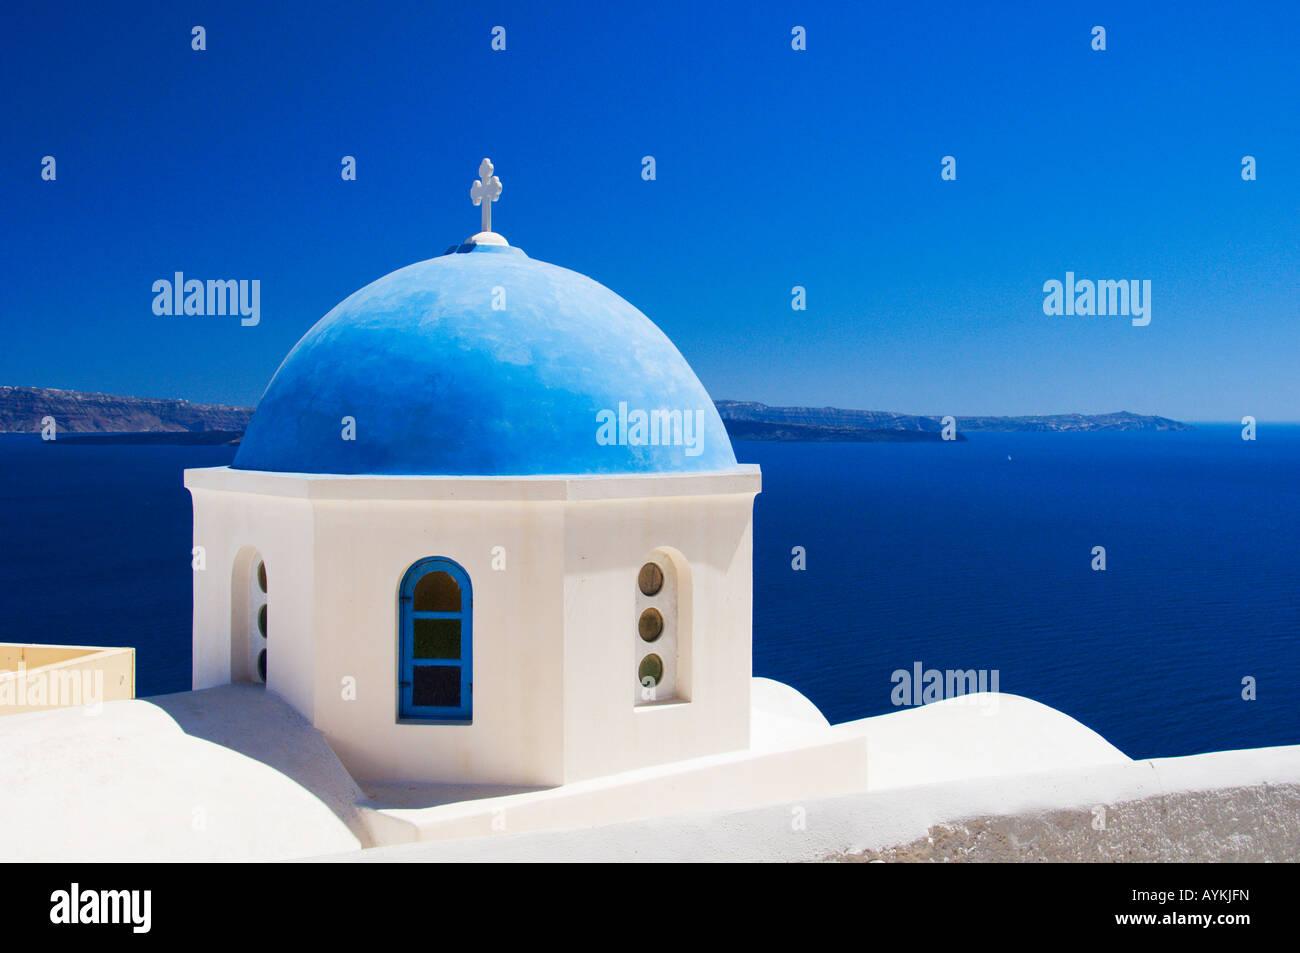 Les églises au dôme bleu sur la caldeira de ski de Oia sur l'île grecque de Santorini Grèce Photo Stock